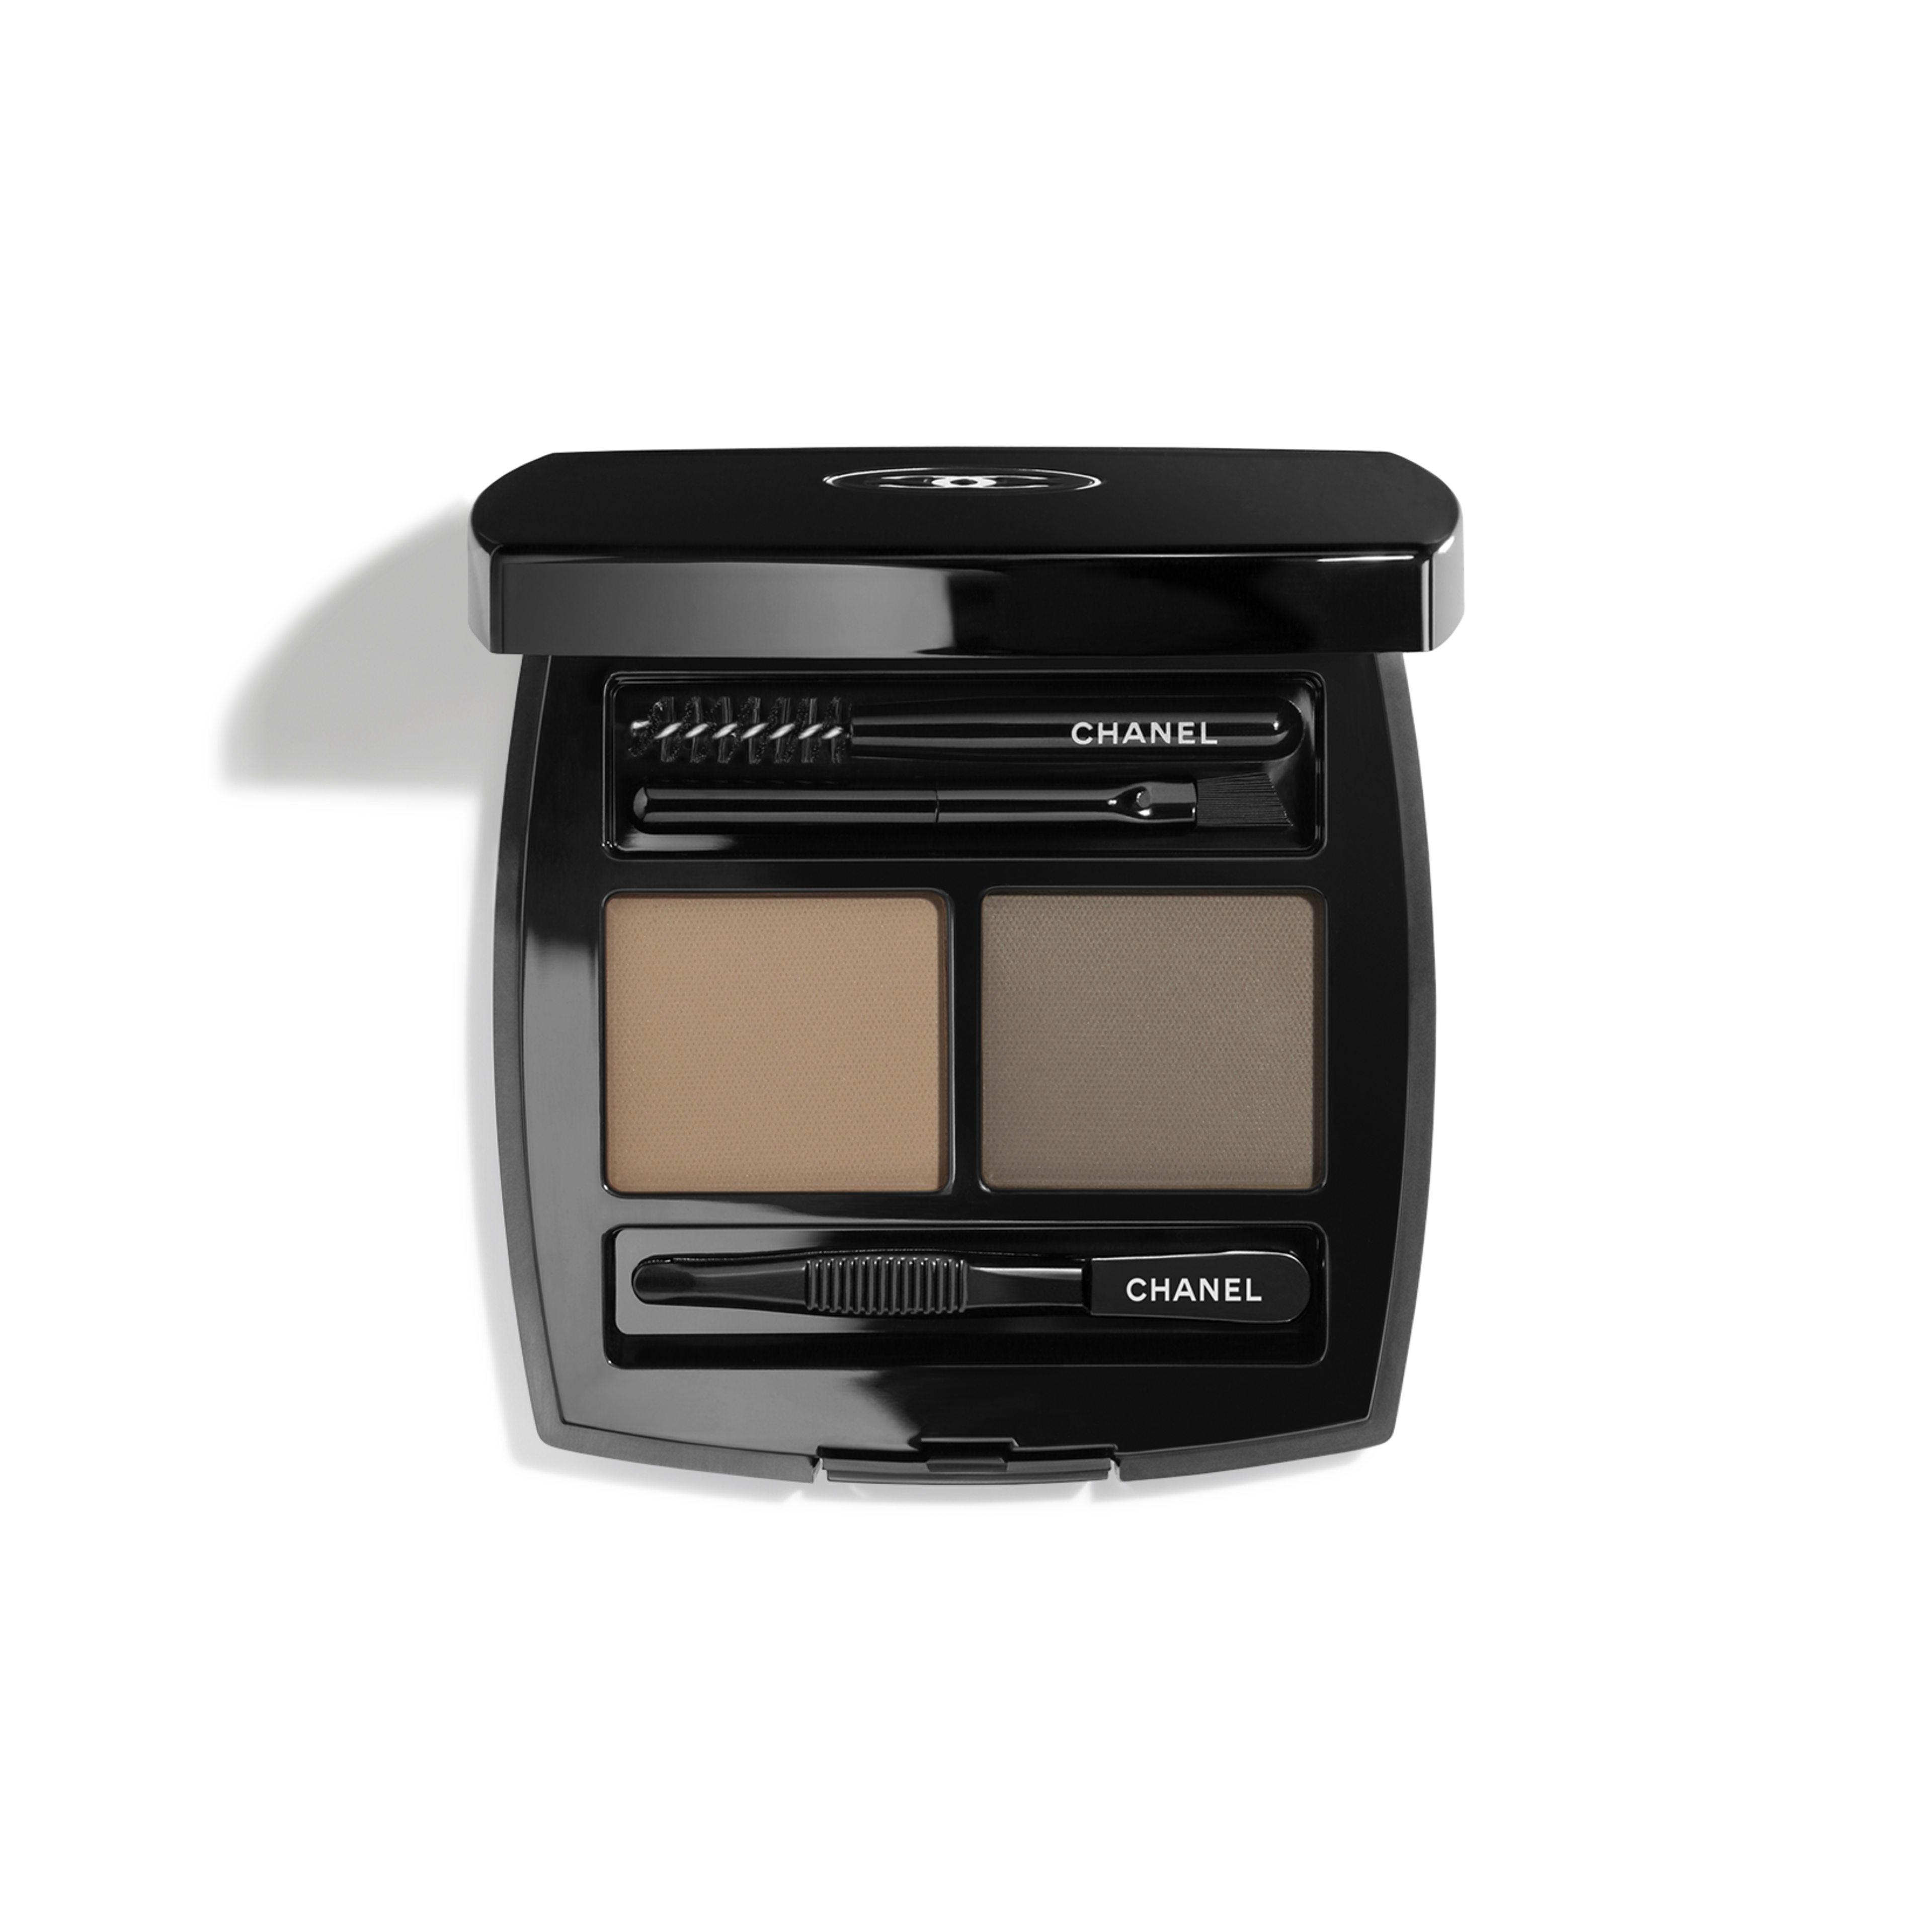 LA PALETTE SOURCILS DE CHANEL - makeup - 0.14OZ. -                                                            default view - see full sized version